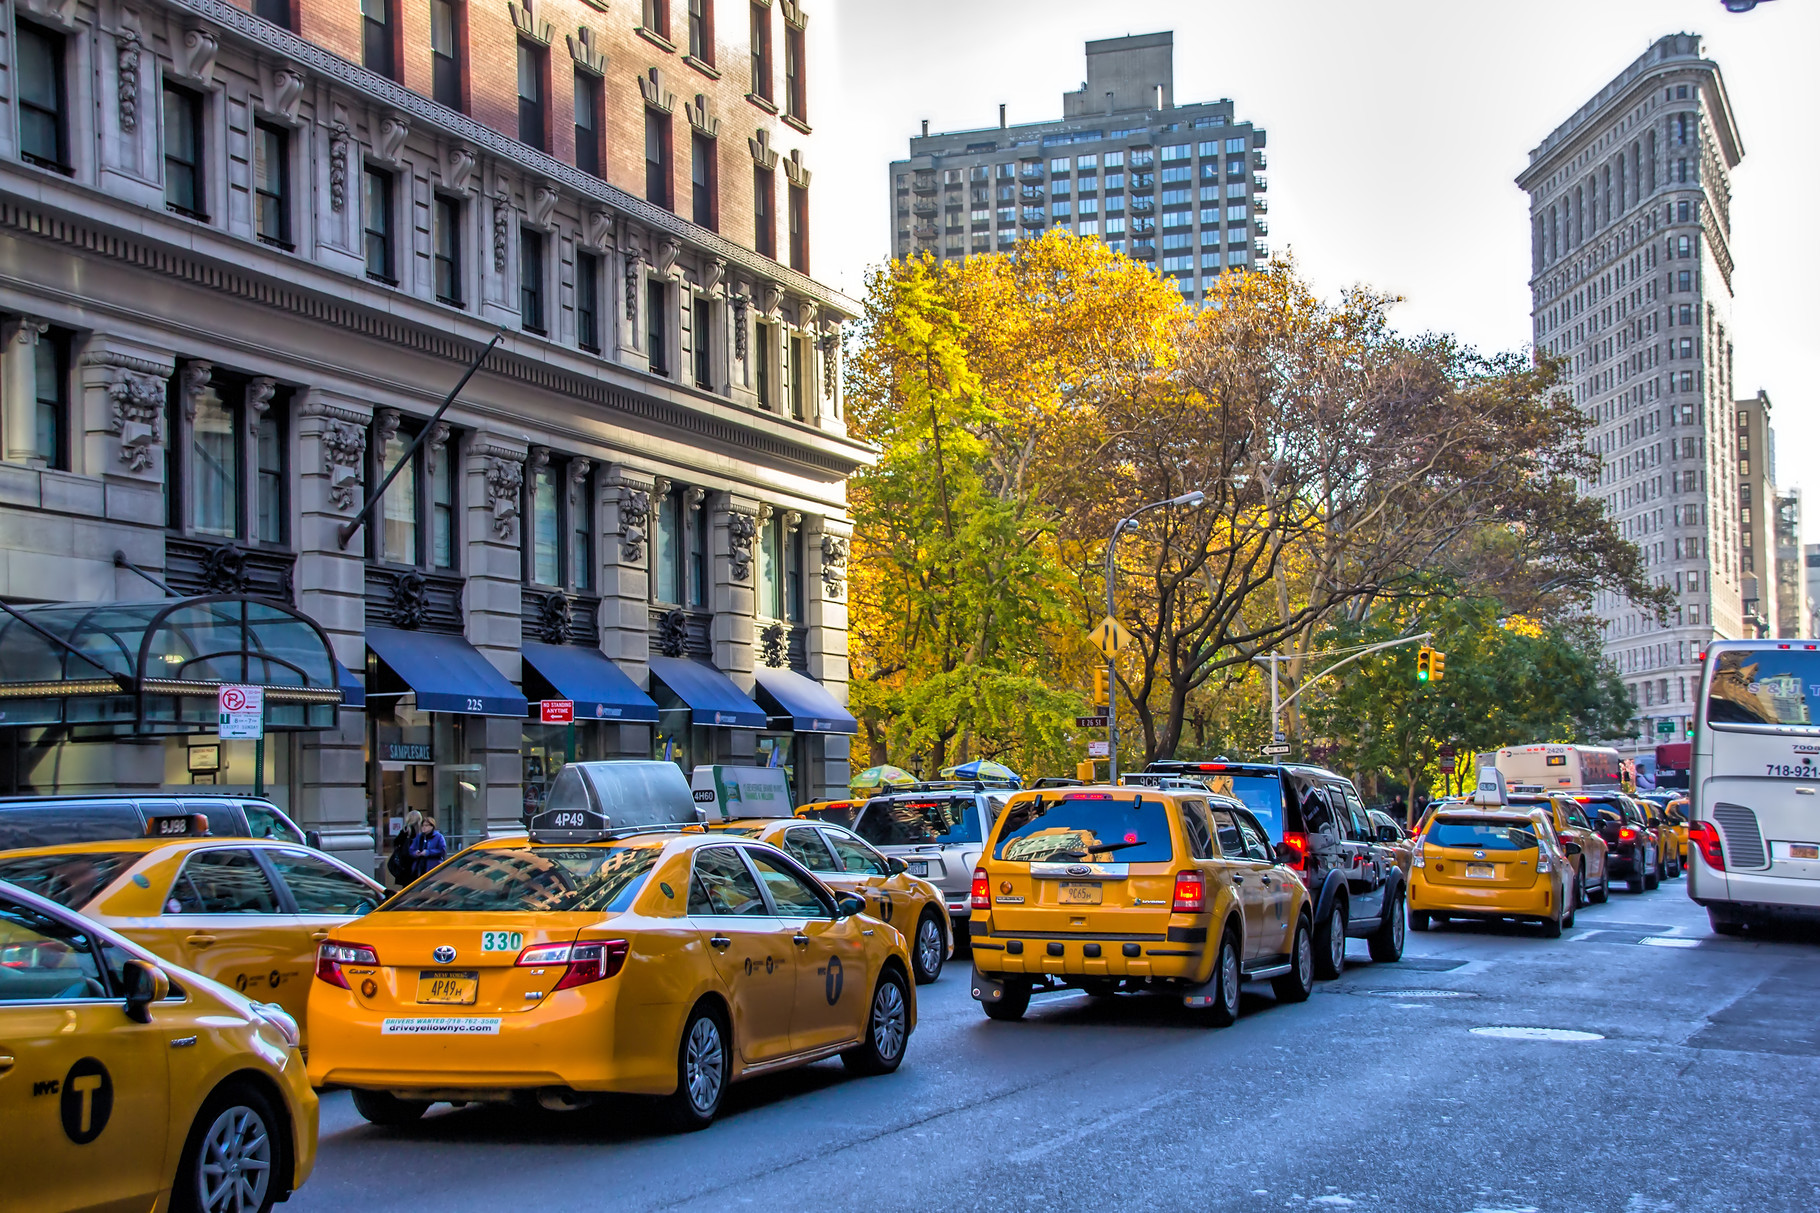 14_NYC 5th Avenue.